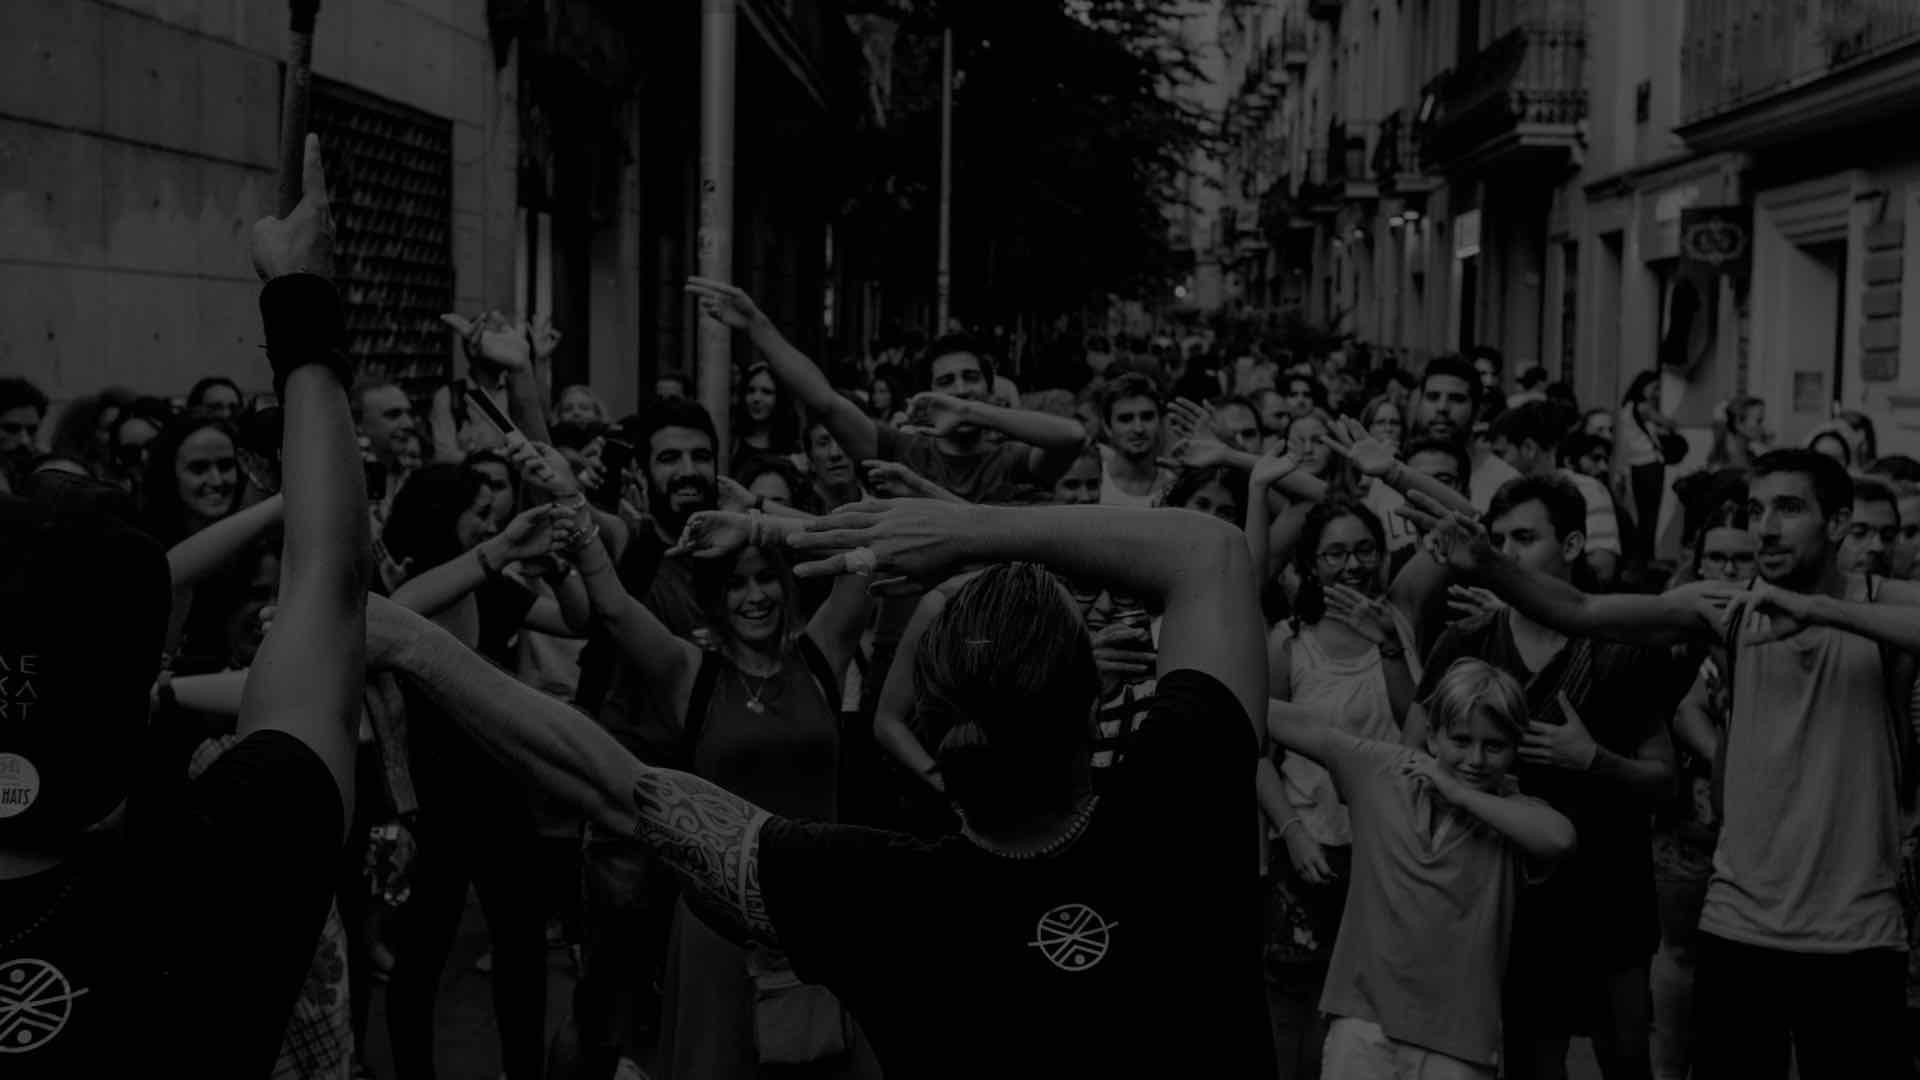 Público en las calles de Barcelona